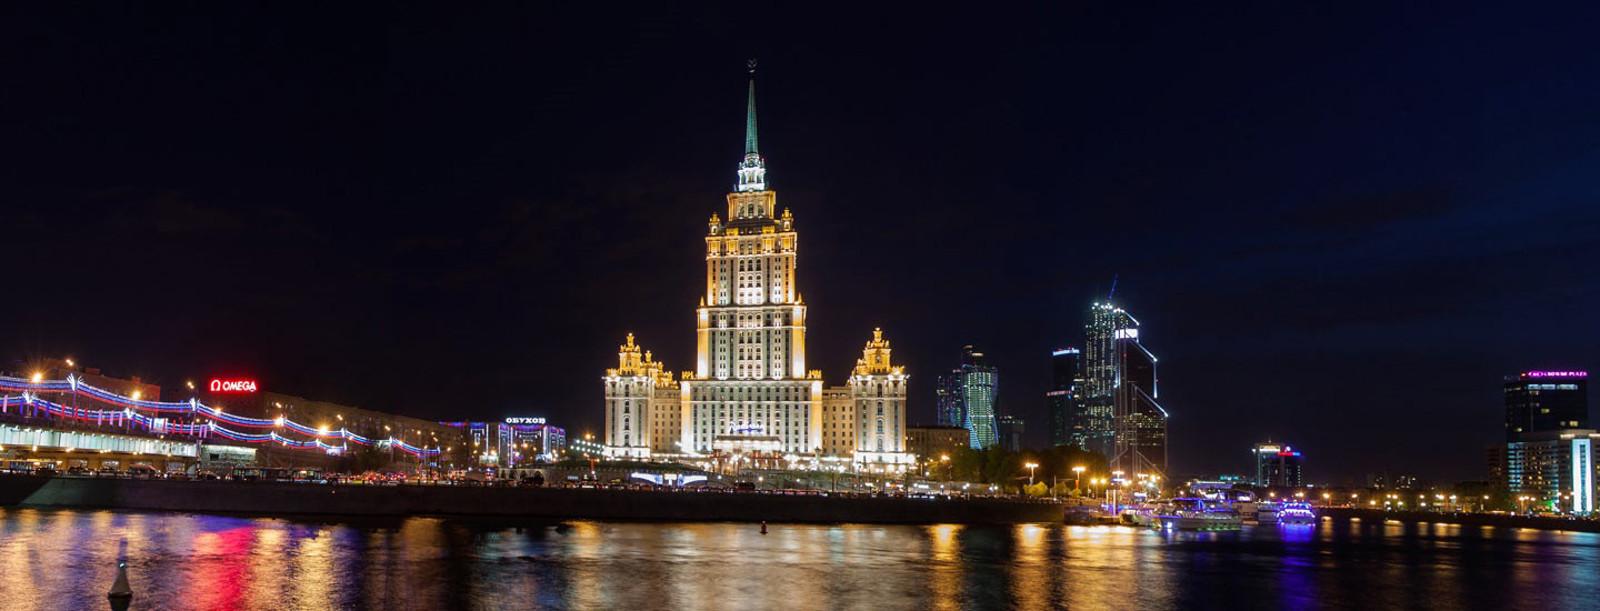 Гостиница Украина - «Рэдиссон Коллекшен, Москва»